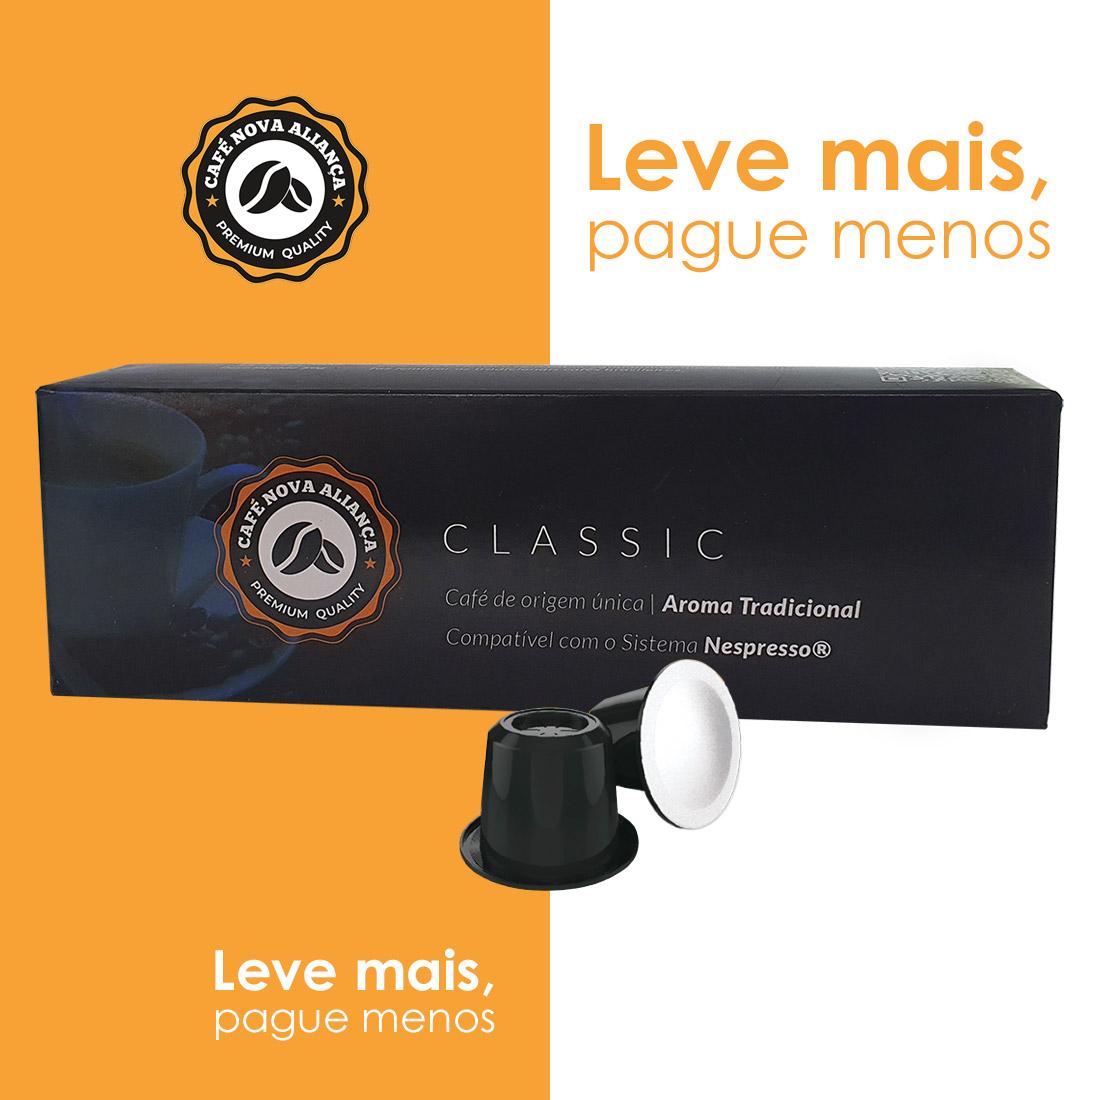 Kit Cápsulas de Café Compatível Nespresso Sabor Classic 4cx